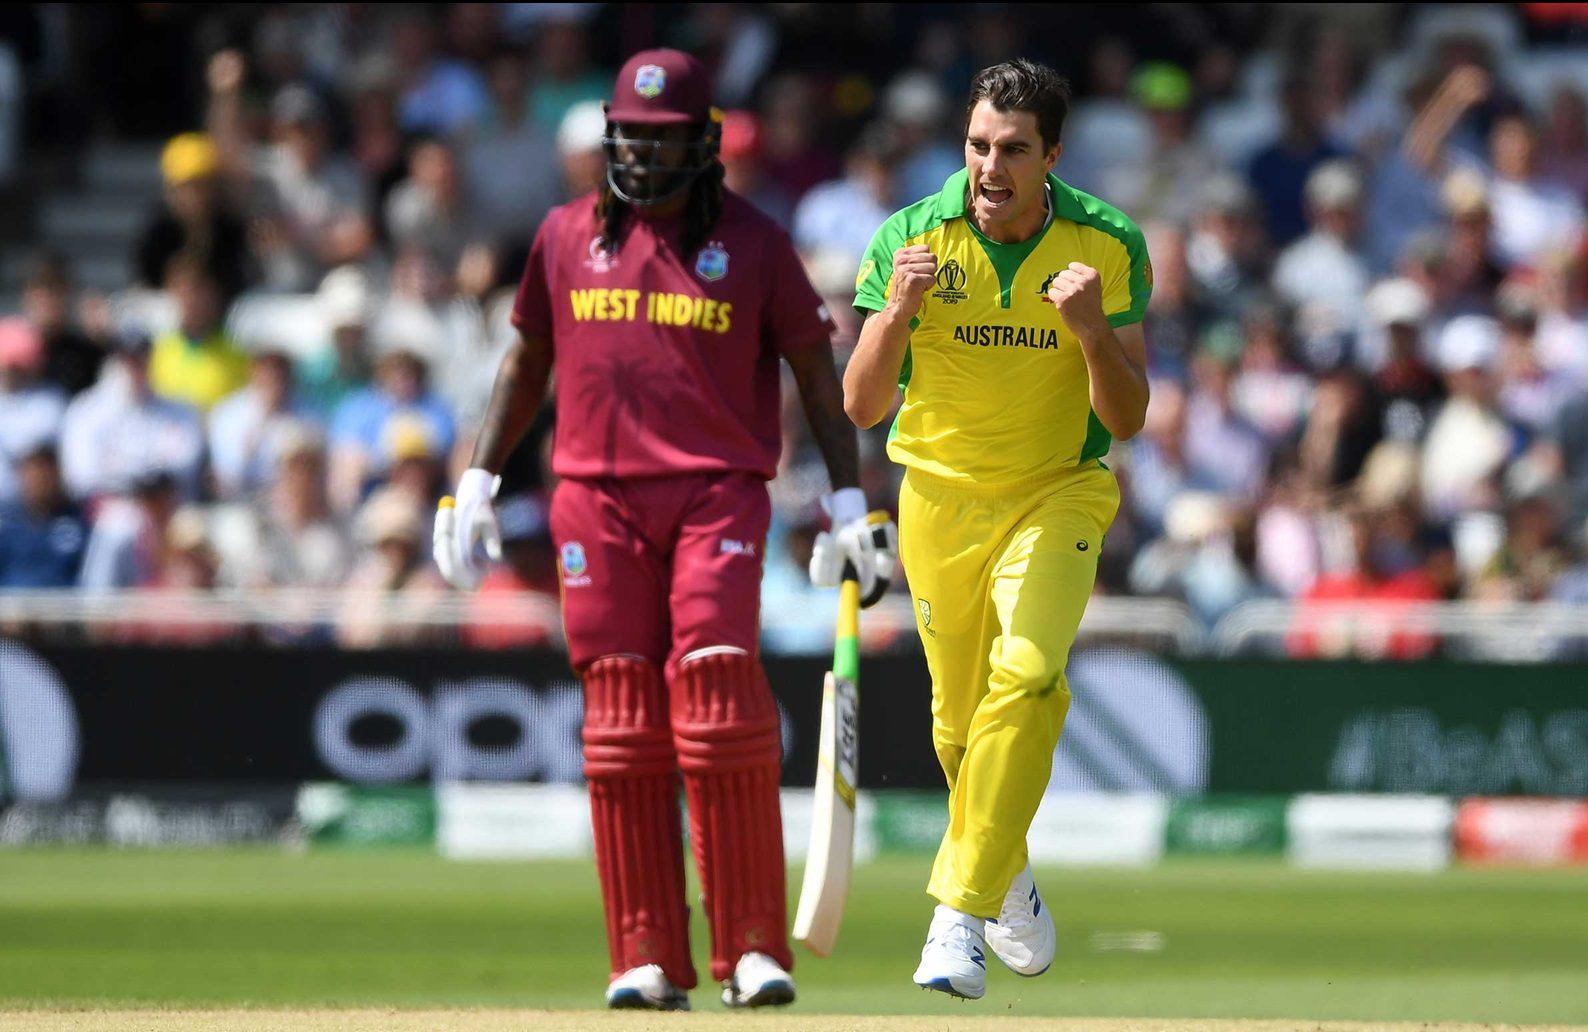 Australia all set for T20I